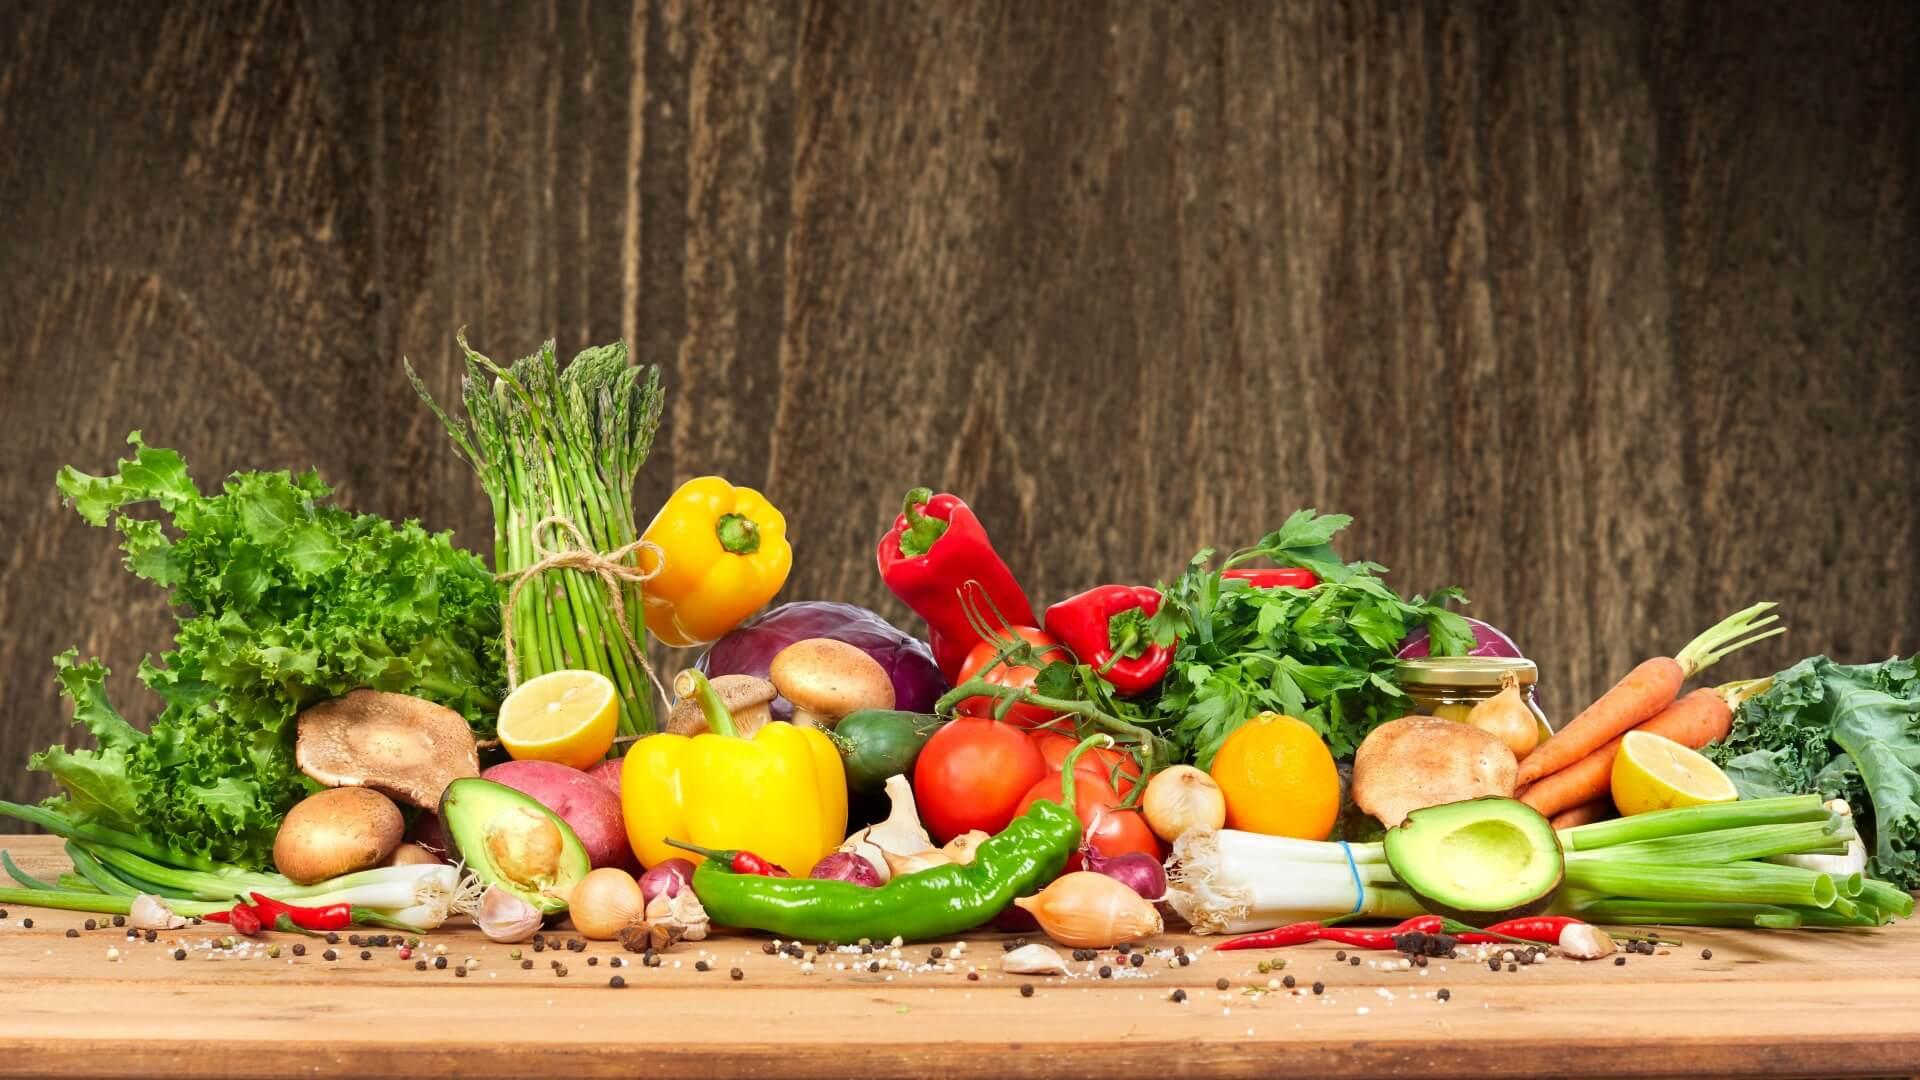 Где на кухне хранить овощи